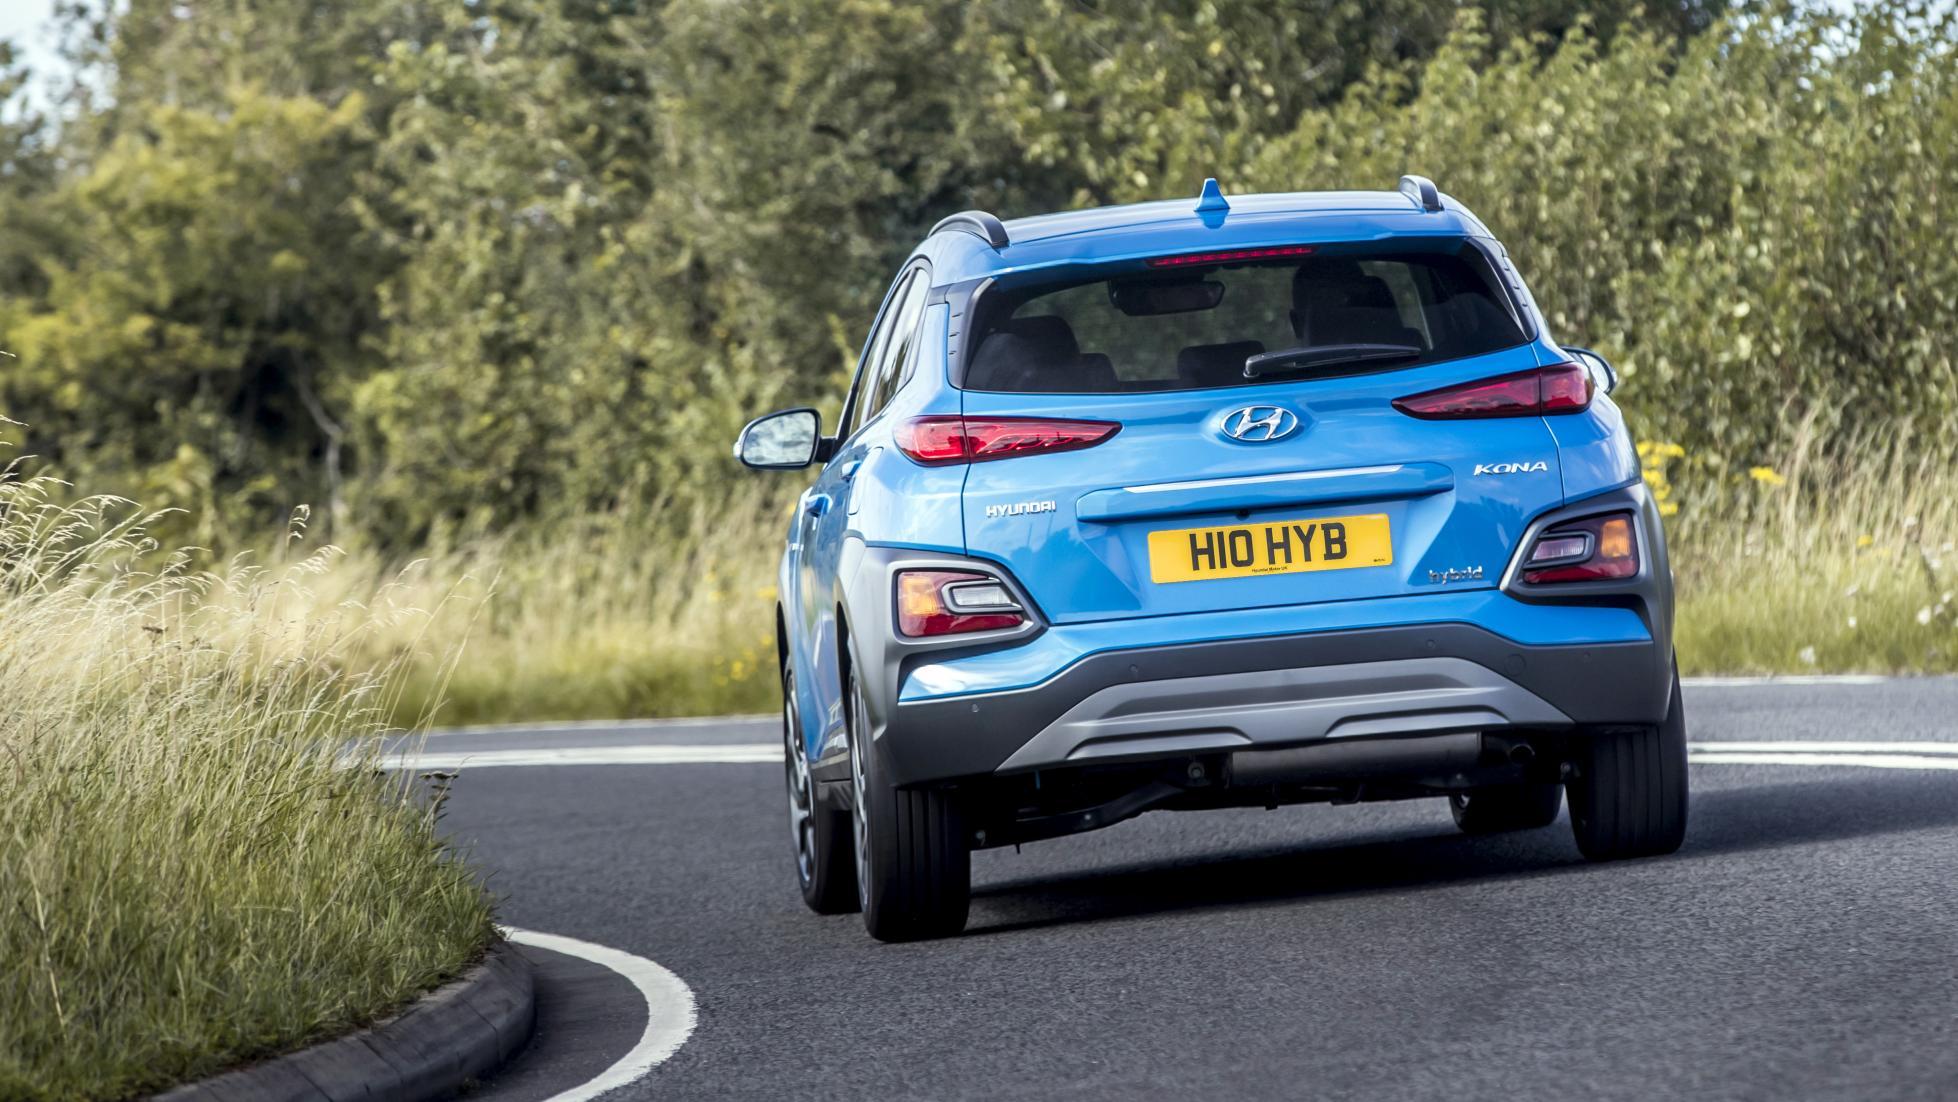 Hyundai Kona sẽ có thêm phiên bản Hybrid tại châu Âu - 2